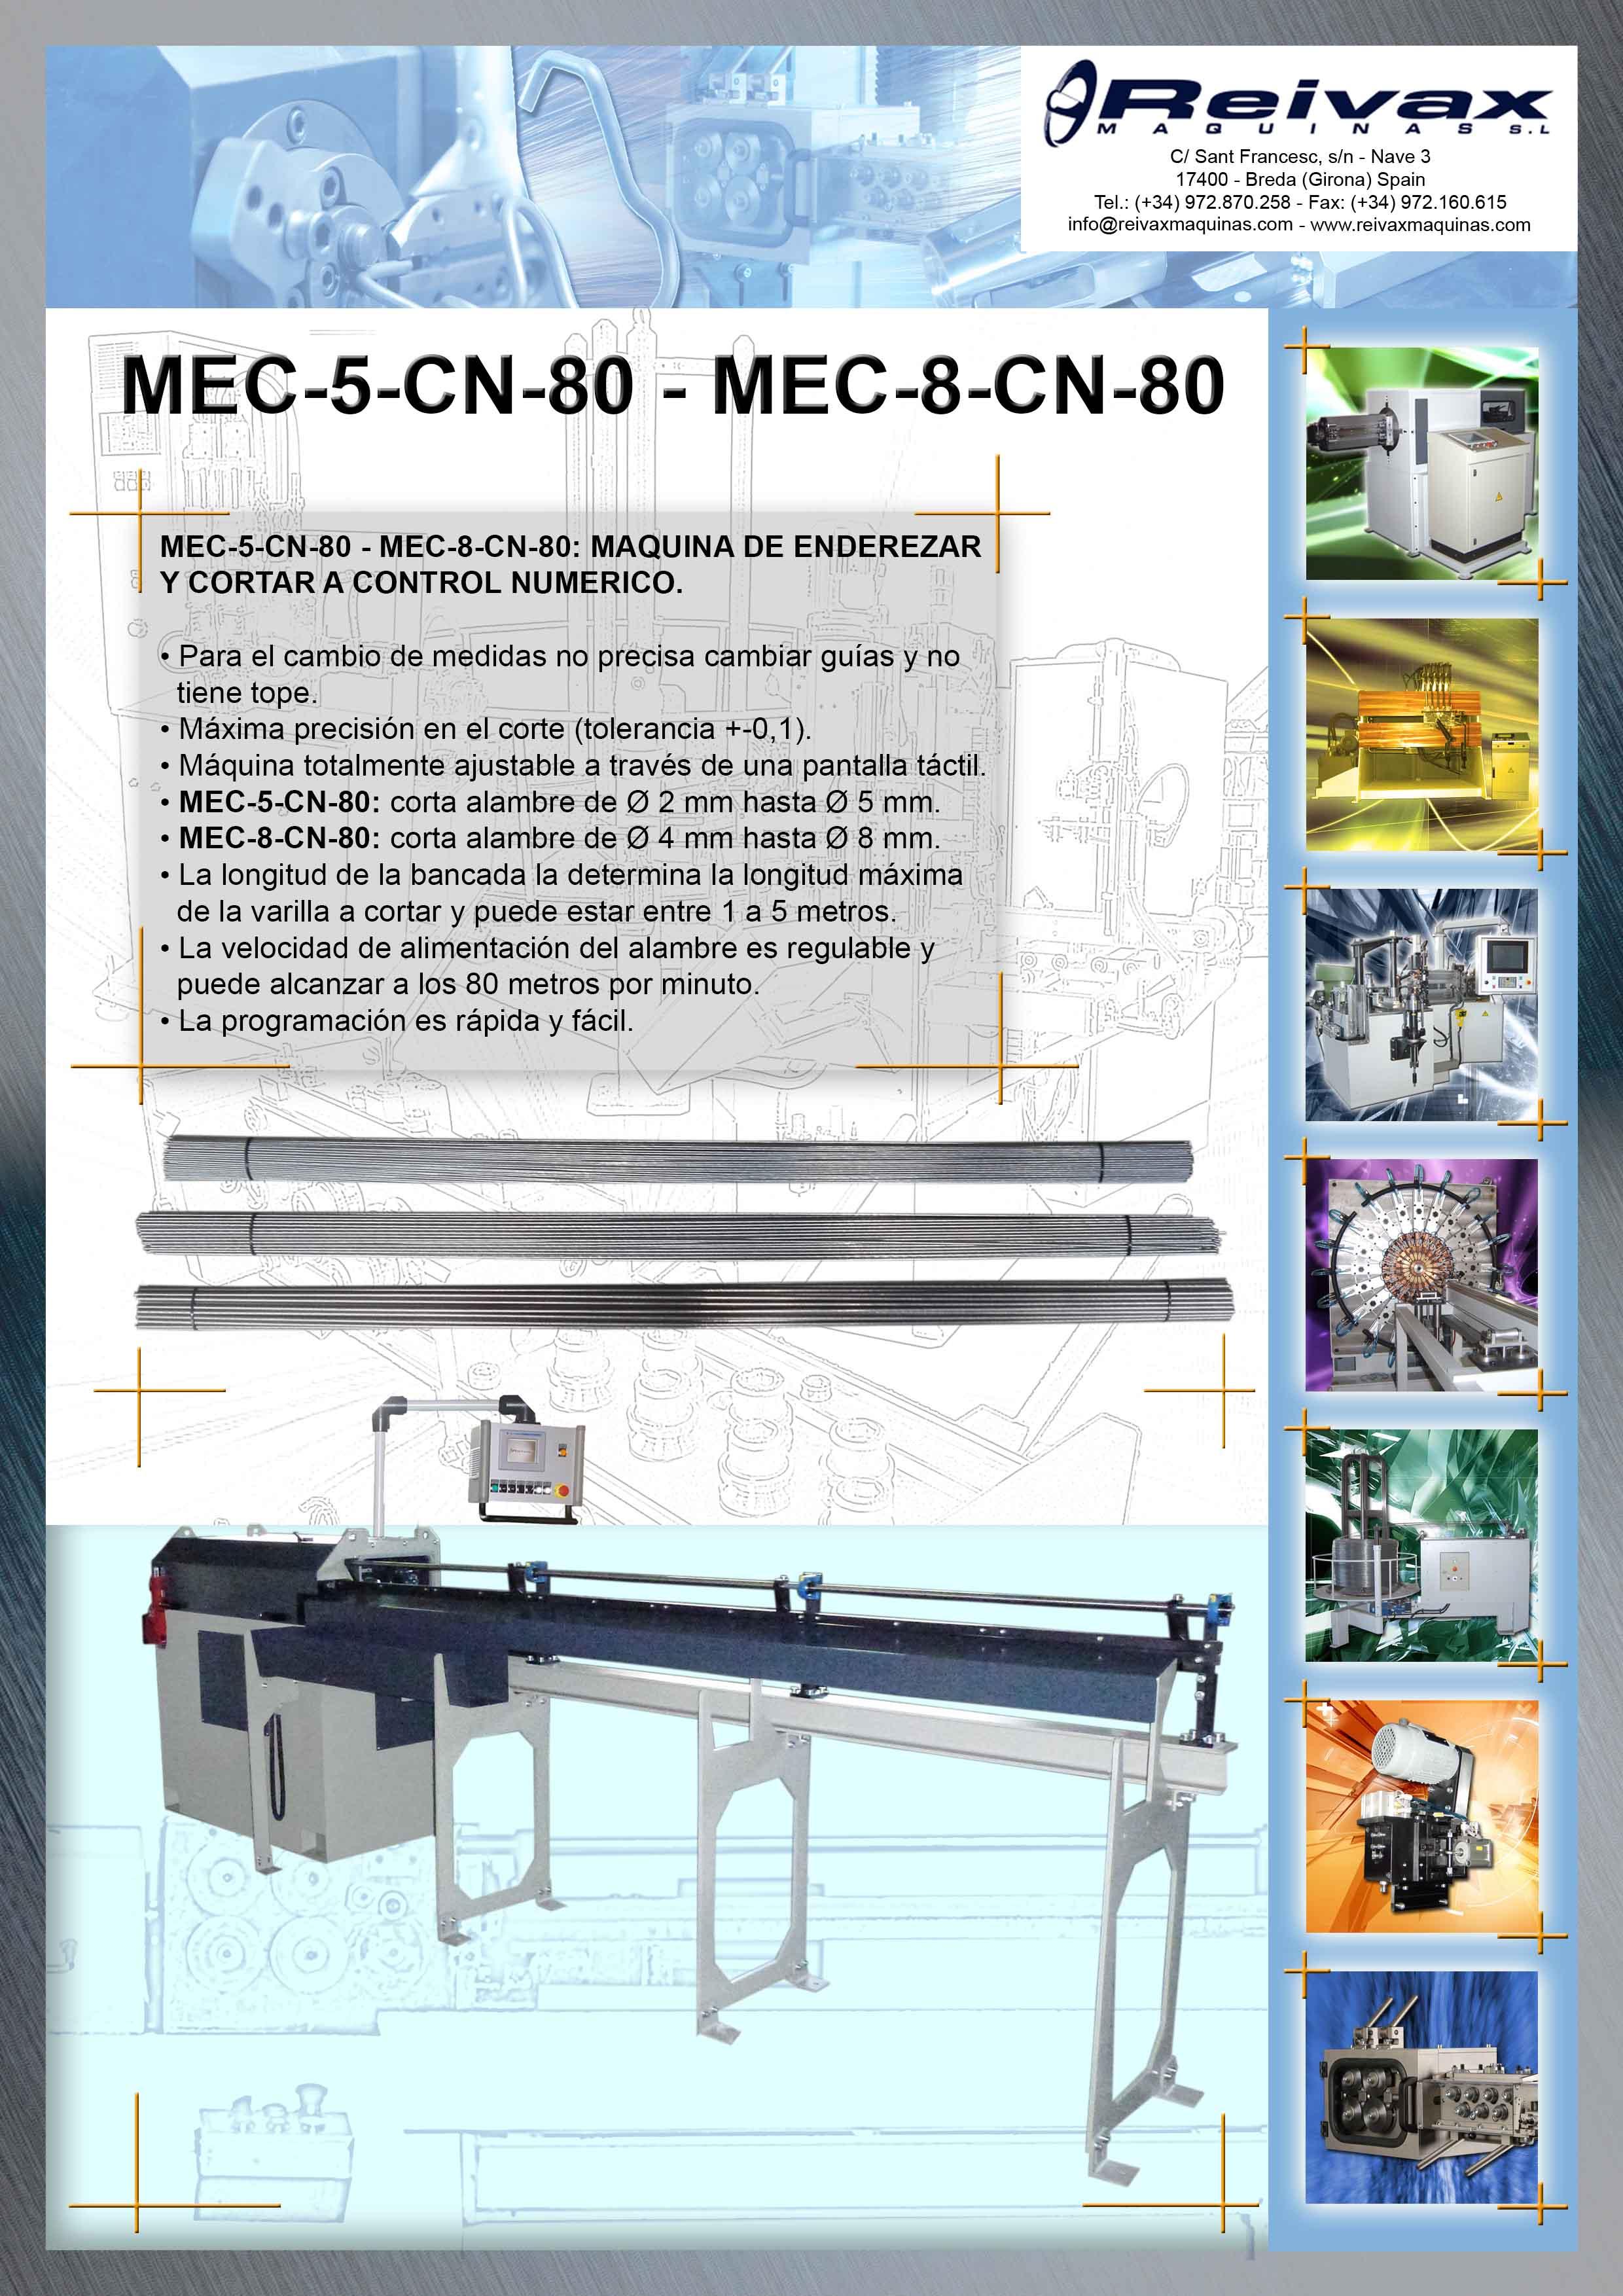 Reivax Maquinas, SL: MEC-5-CN-80 - MEC-8-CN-80 Ficha Técnica.